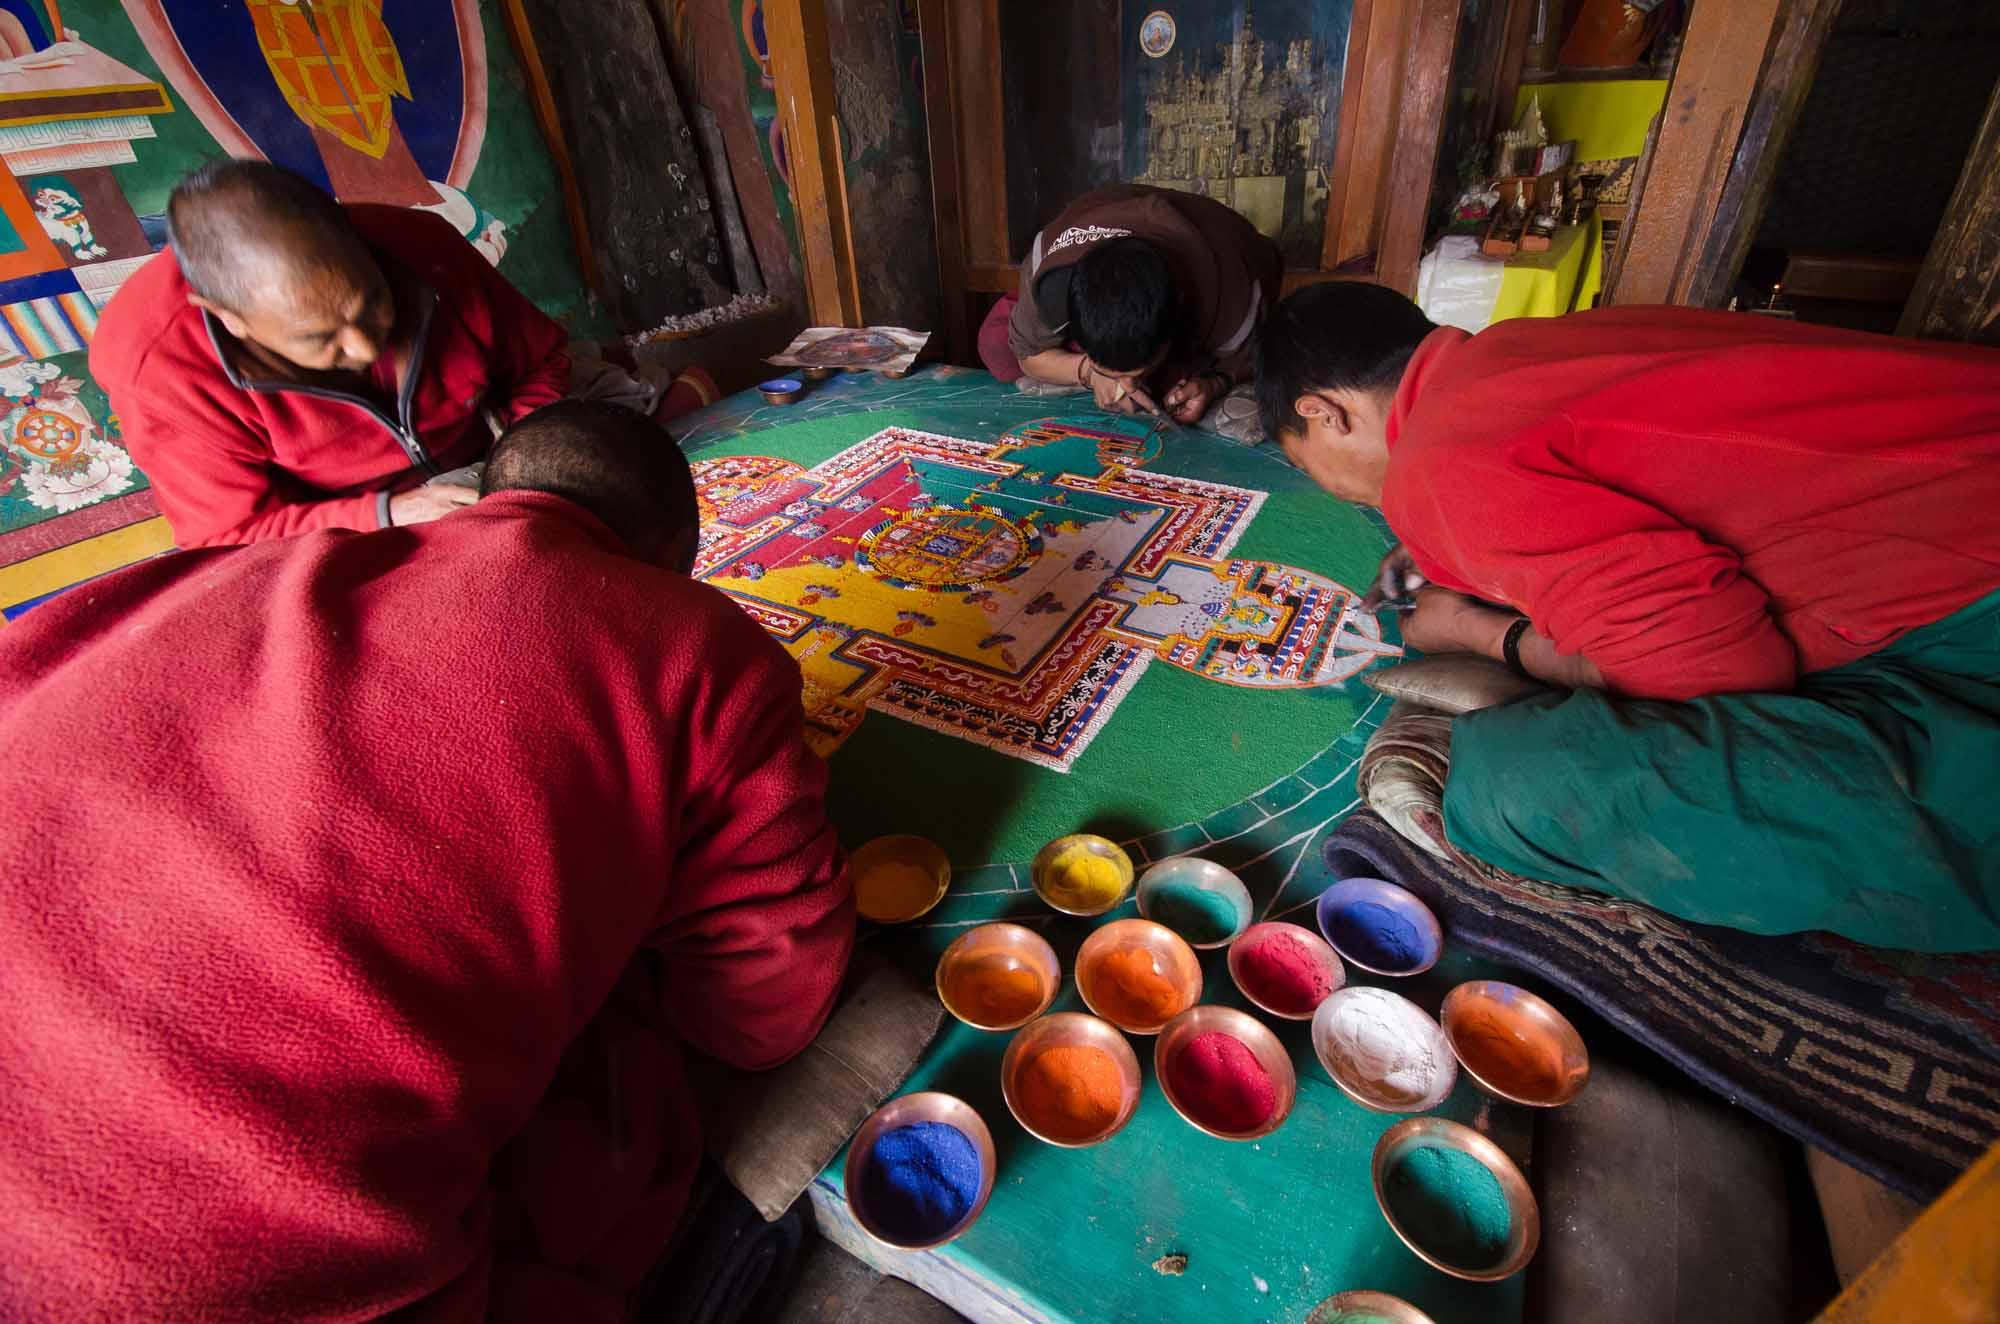 Blue-Sky-Kingdom-Family-Vacation-to-a-Buddhist-Monastery-KarshaGompa-BruceKirkby-prayer-mats